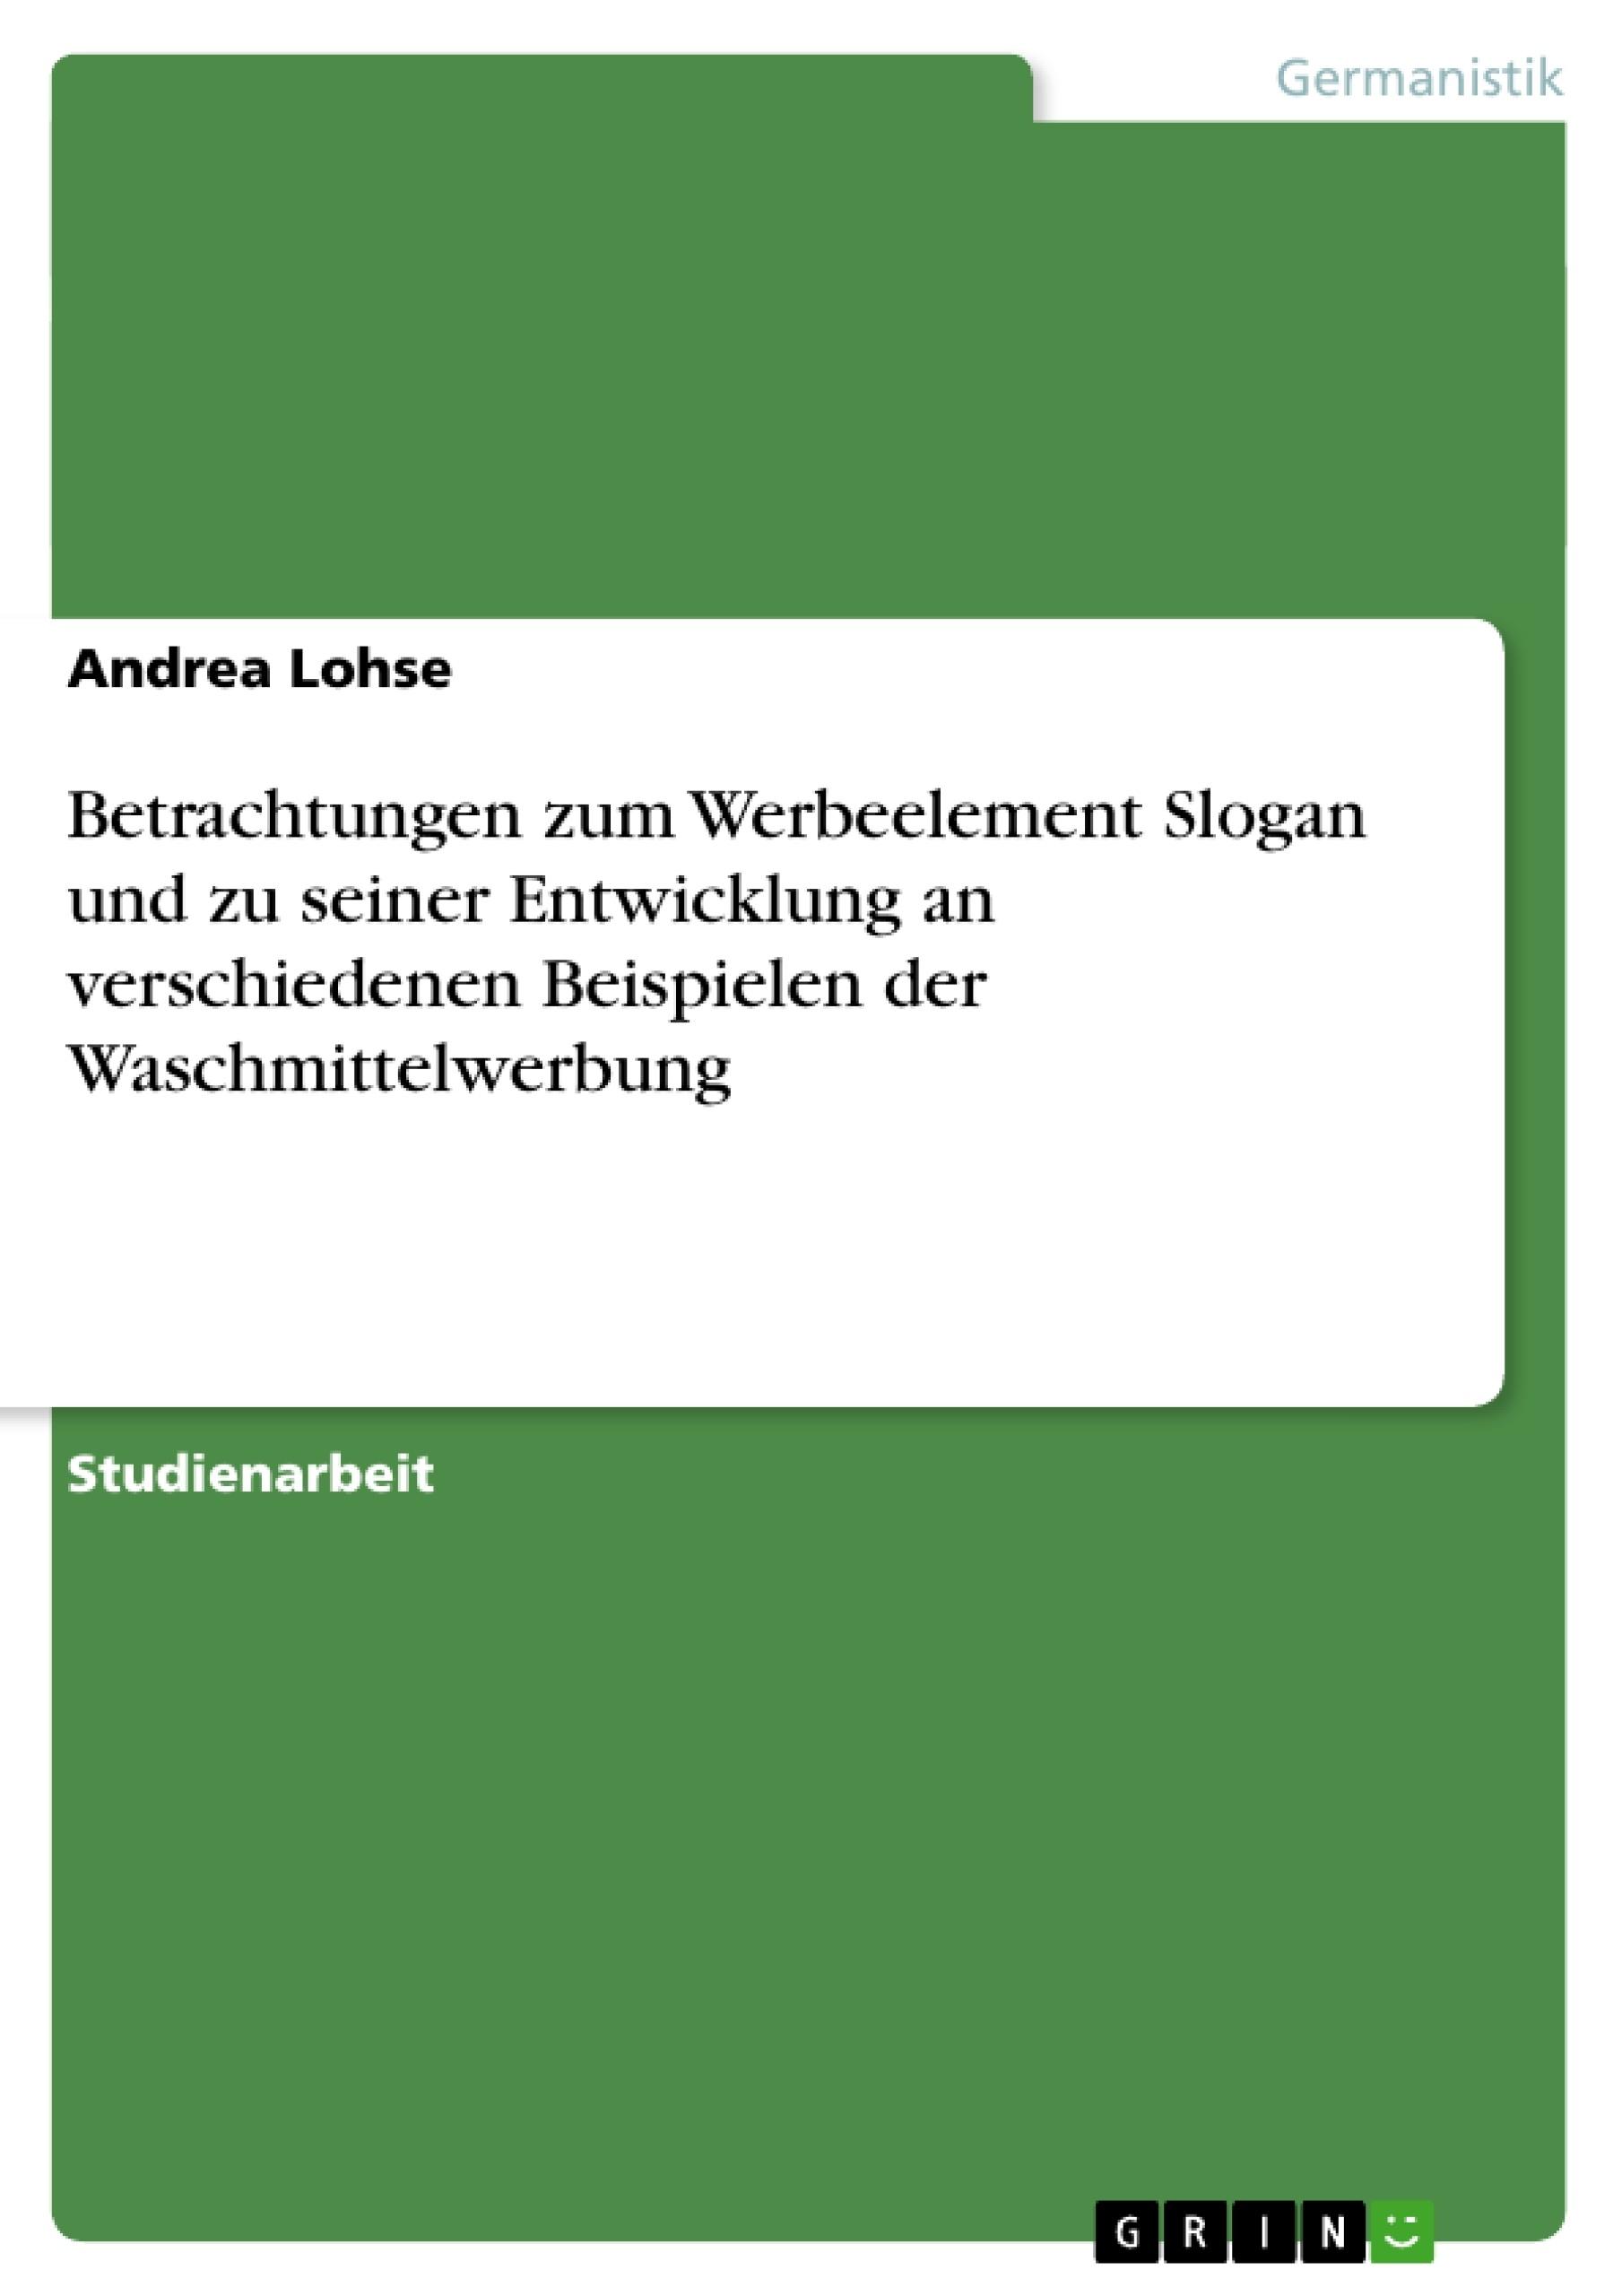 Titel: Betrachtungen zum Werbeelement Slogan und zu seiner Entwicklung an verschiedenen Beispielen der Waschmittelwerbung